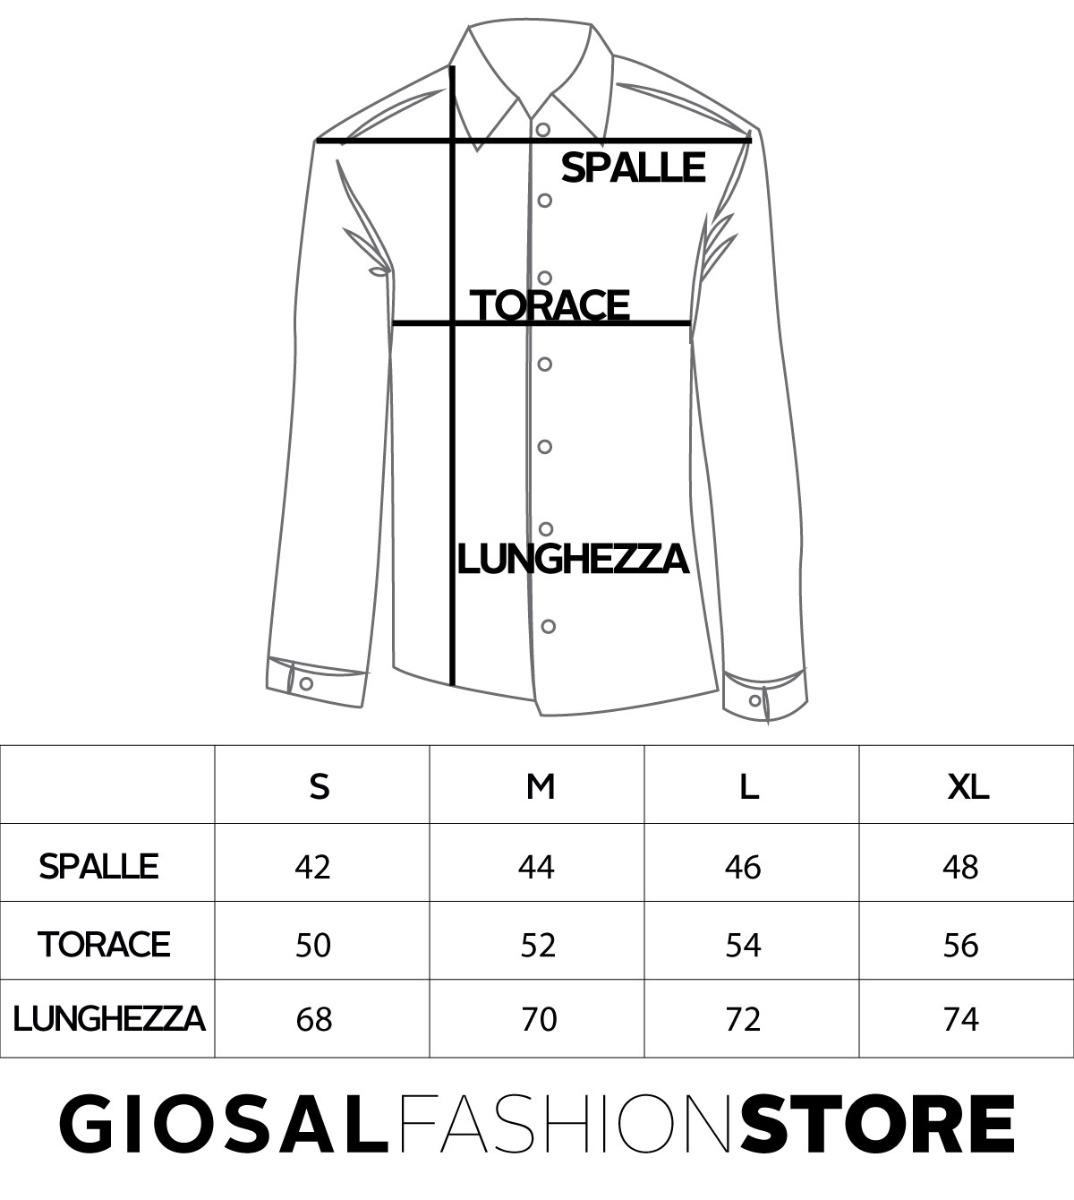 Camicia-Uomo-Lino-Maniche-Lunghe-Colletto-Tinta-Unita-Rossa-GIOSAL miniatura 9